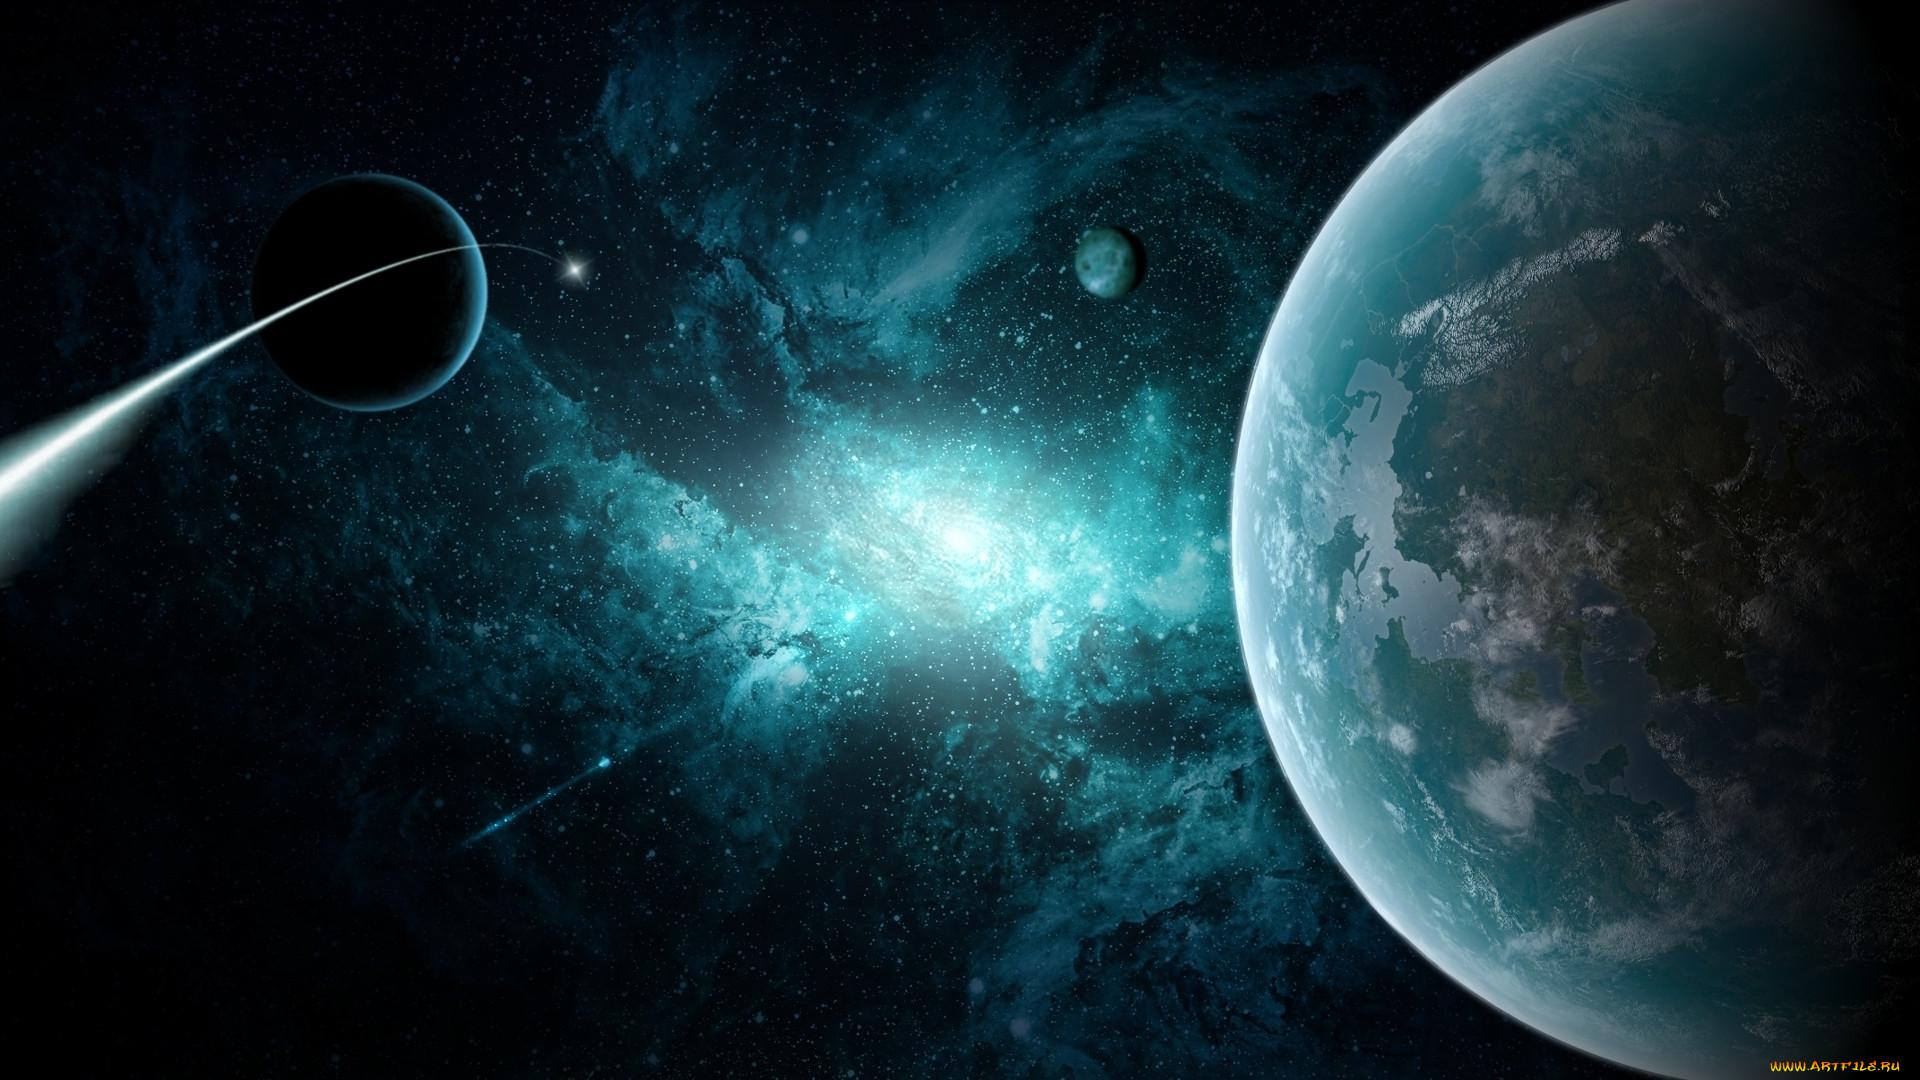 космос, арт, планеты, звезды, комета